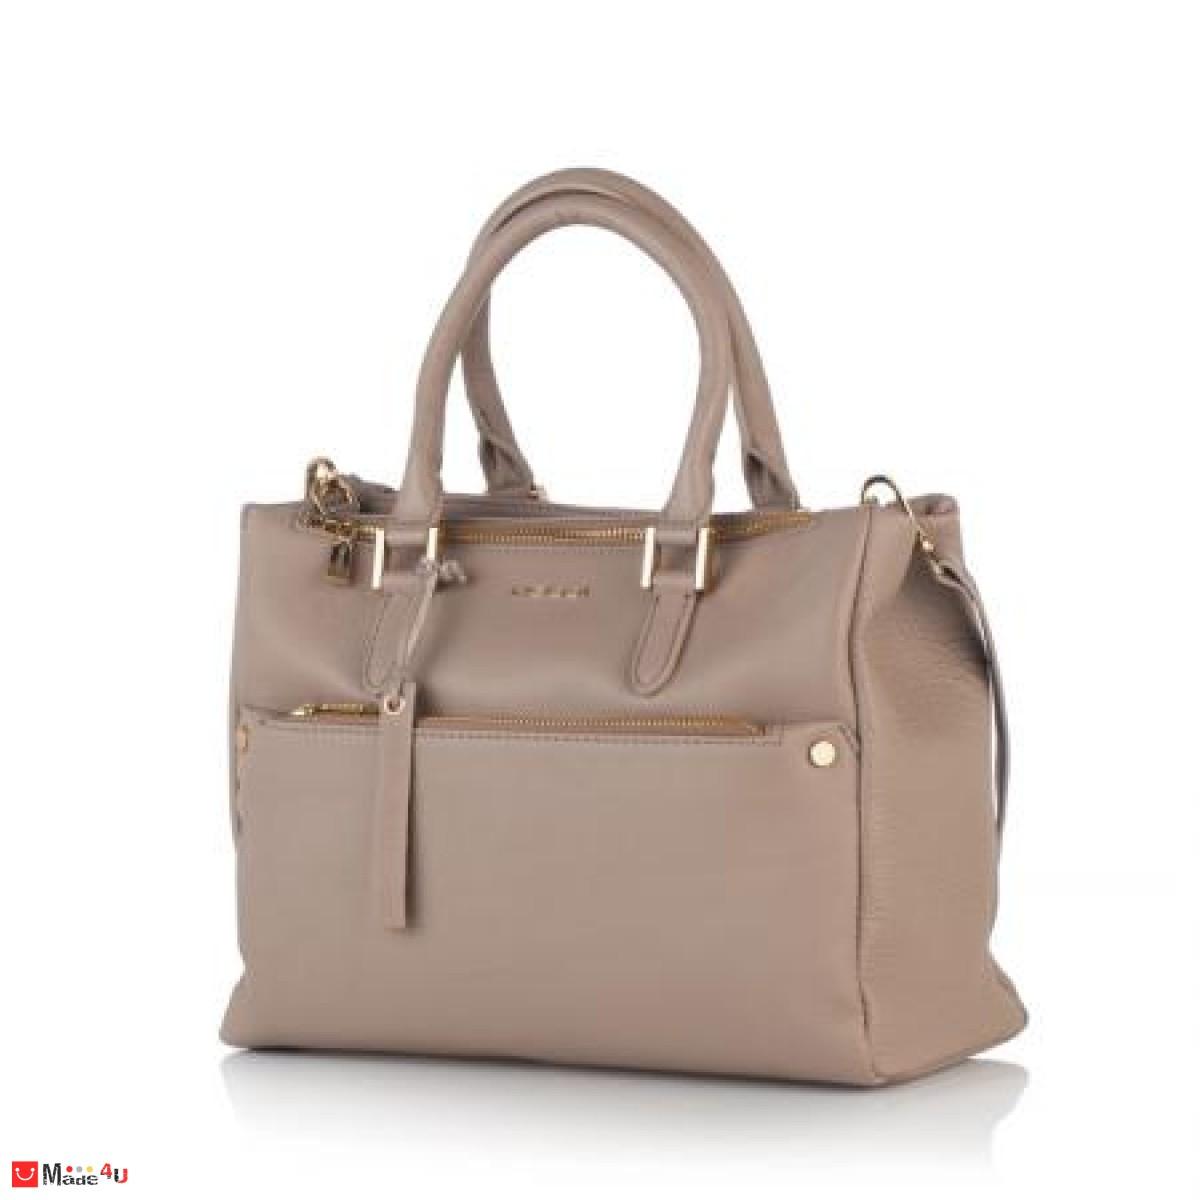 Луксозна дамска бизнес чанта в цвят бежoво - ROSSI